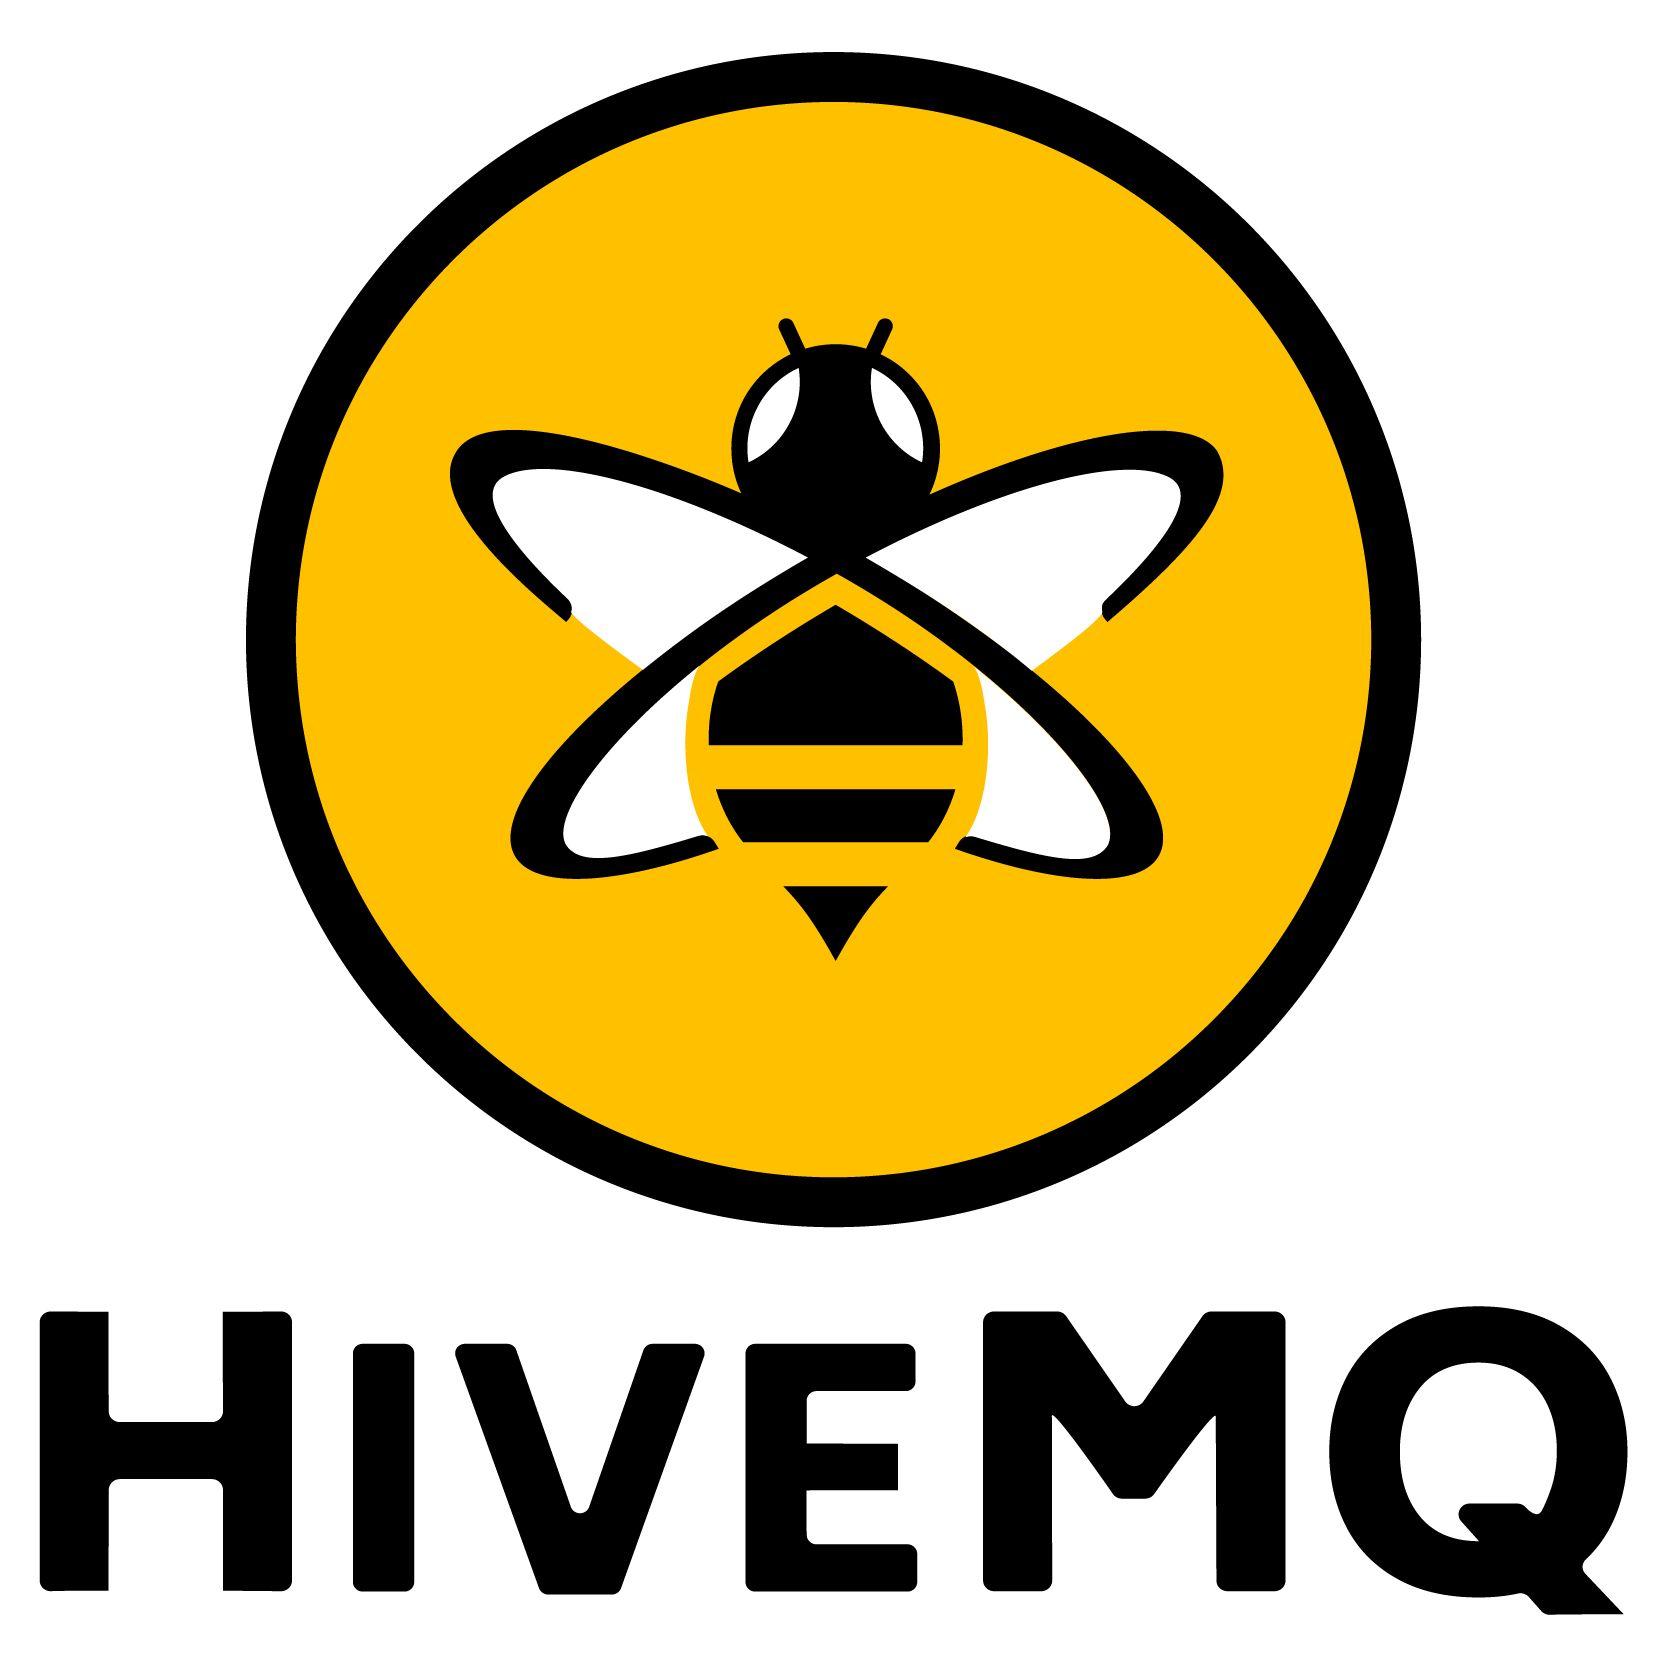 HiveMQ veröffentlicht einen voll verwalteten Cloud-Service für MQTT